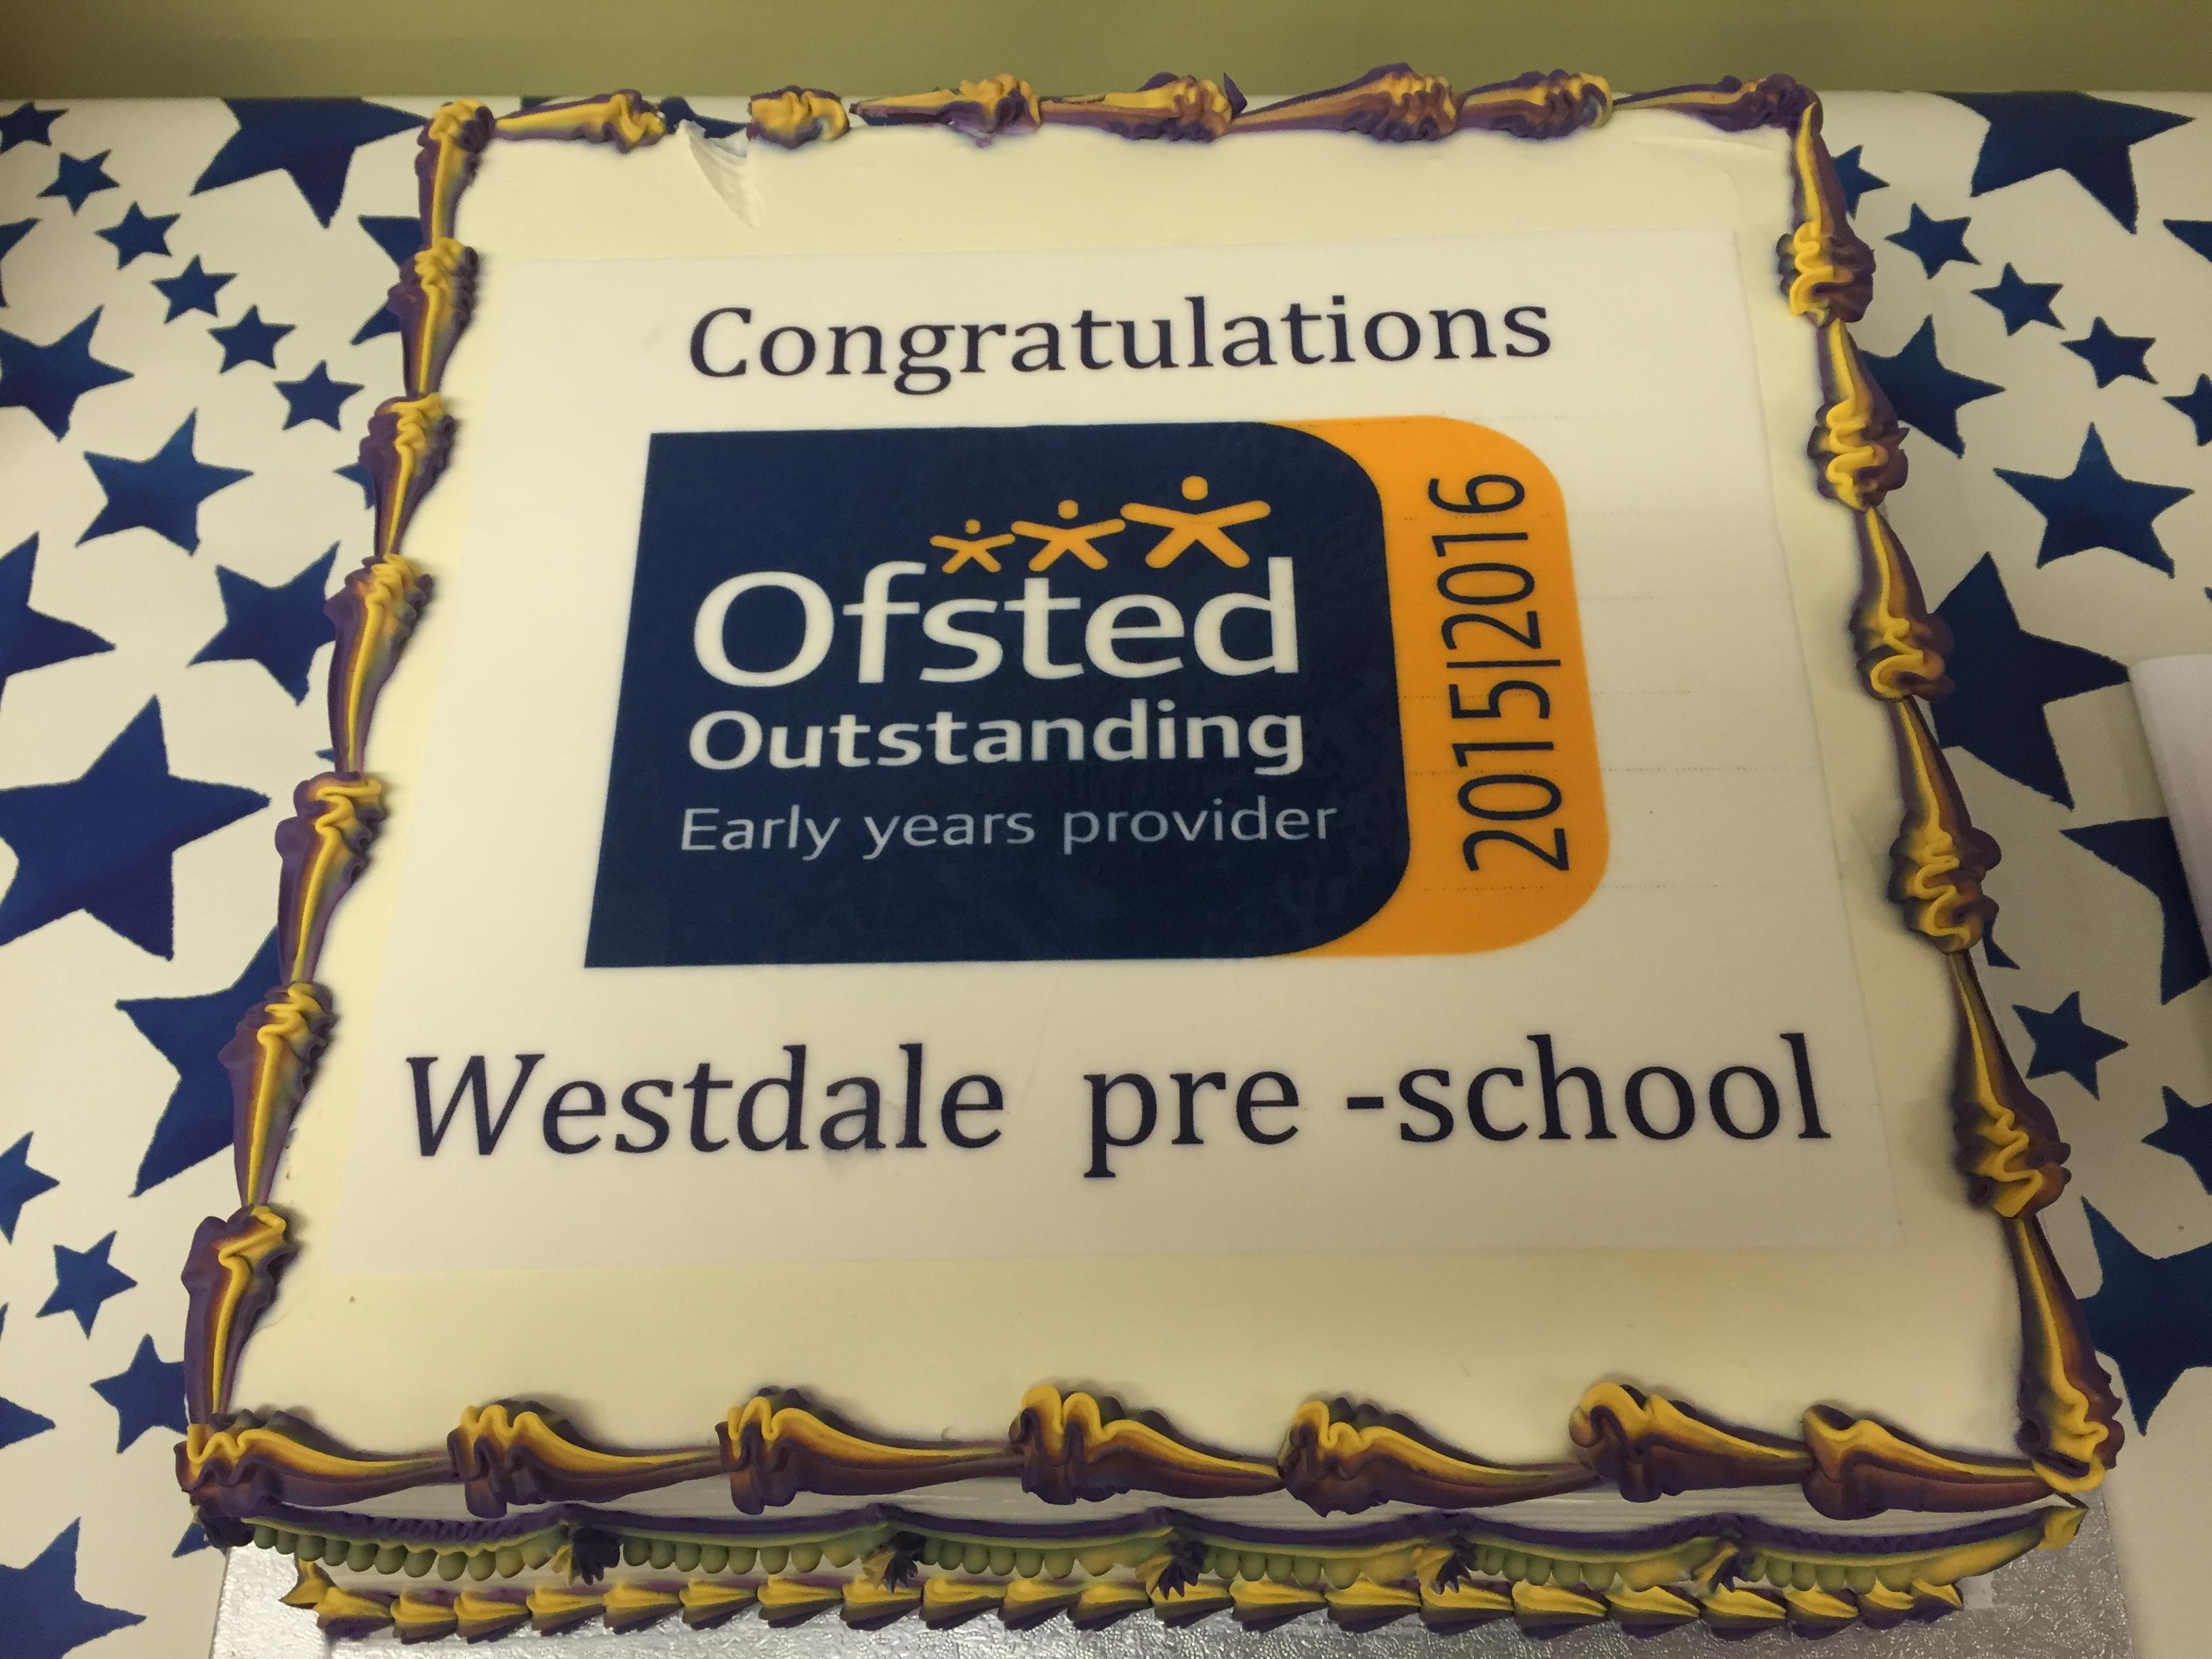 Westdale_pre-school_cake.jpg